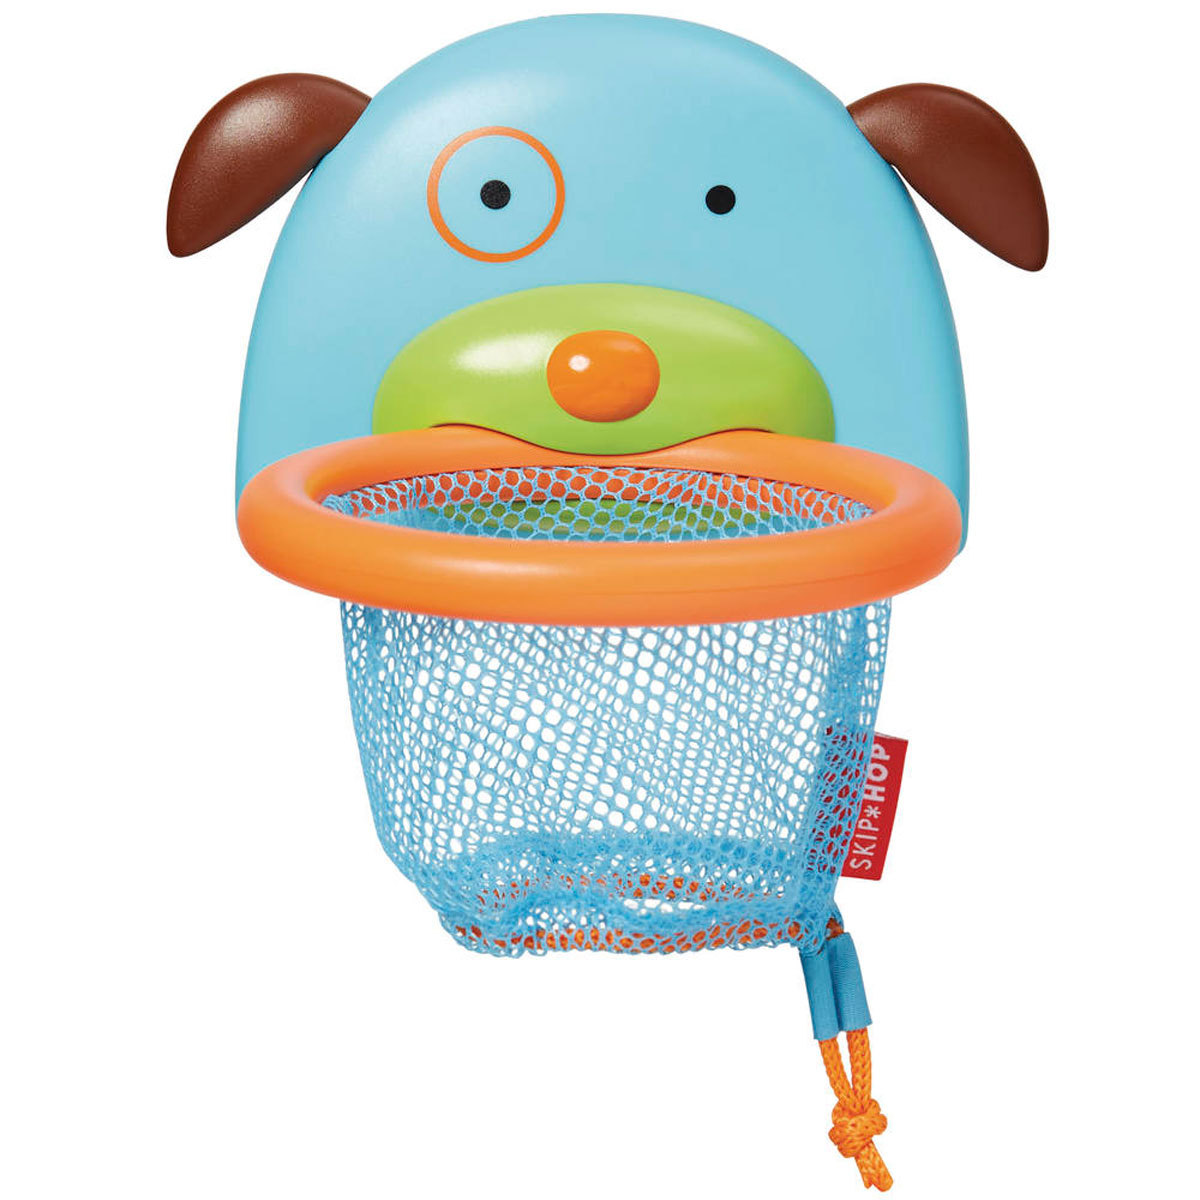 skip hop jouet de bain panier de basket chien mes premiers jouets skip hop sur l 39 armoire de b b. Black Bedroom Furniture Sets. Home Design Ideas